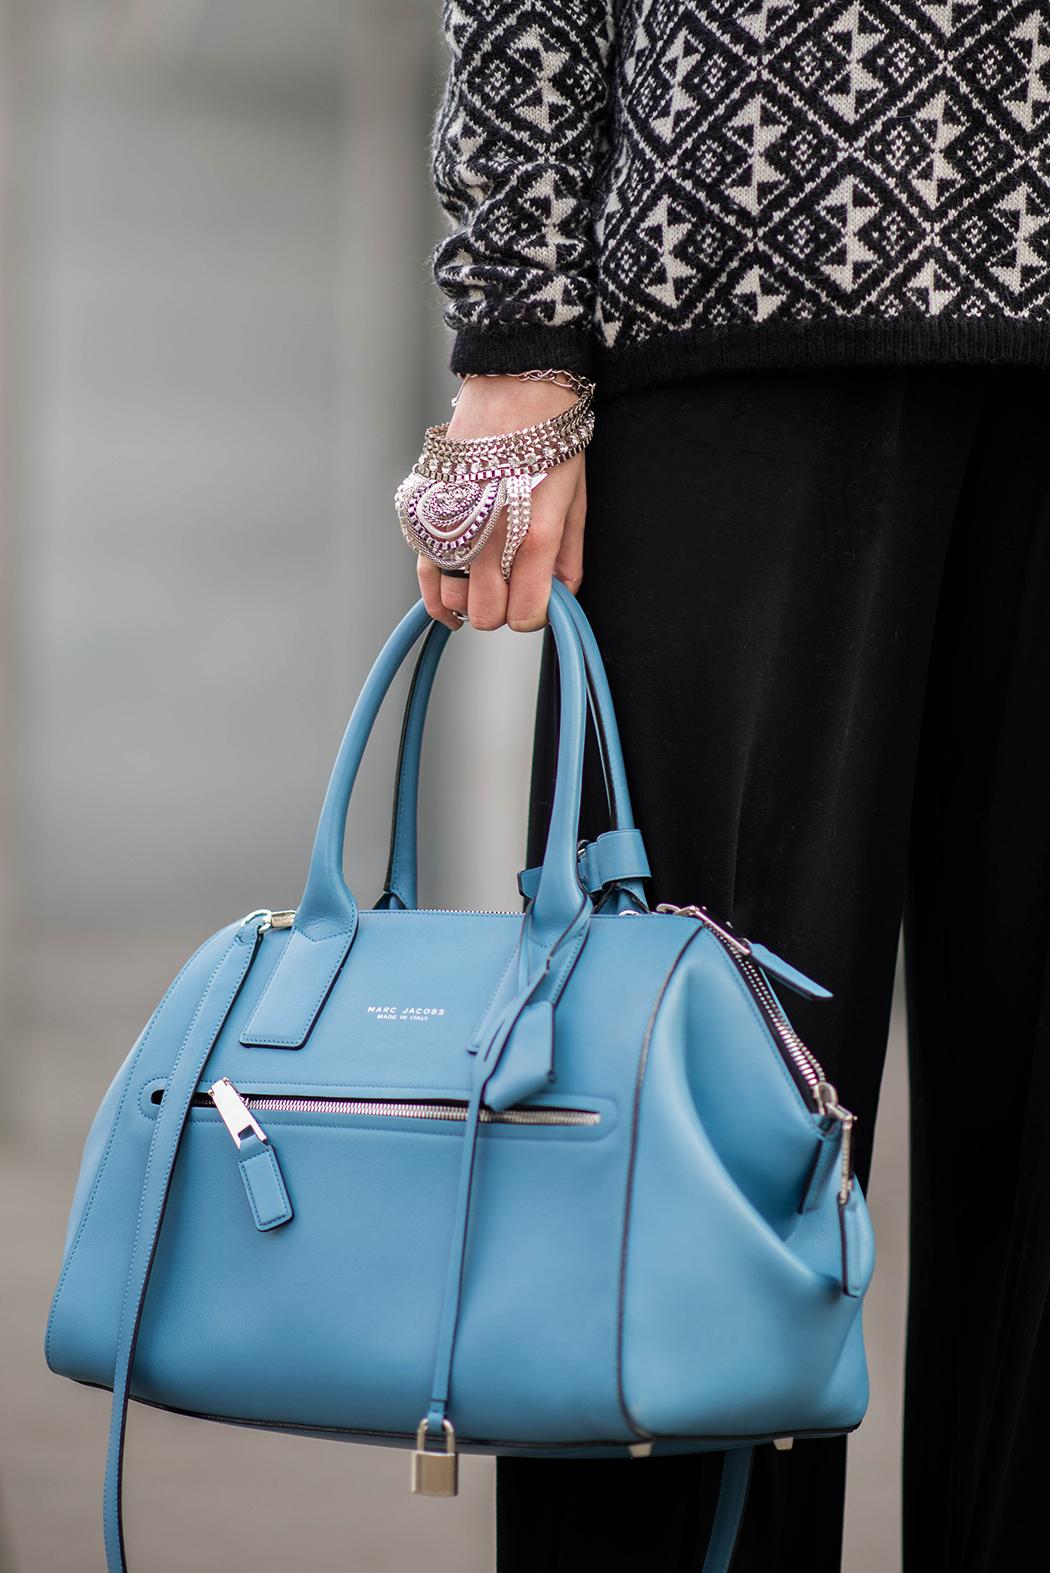 Fashionblog-München-Marc-Jacobs-Incognito-light-blue-Schlaghose-Fashionblogger-Deutschland-4